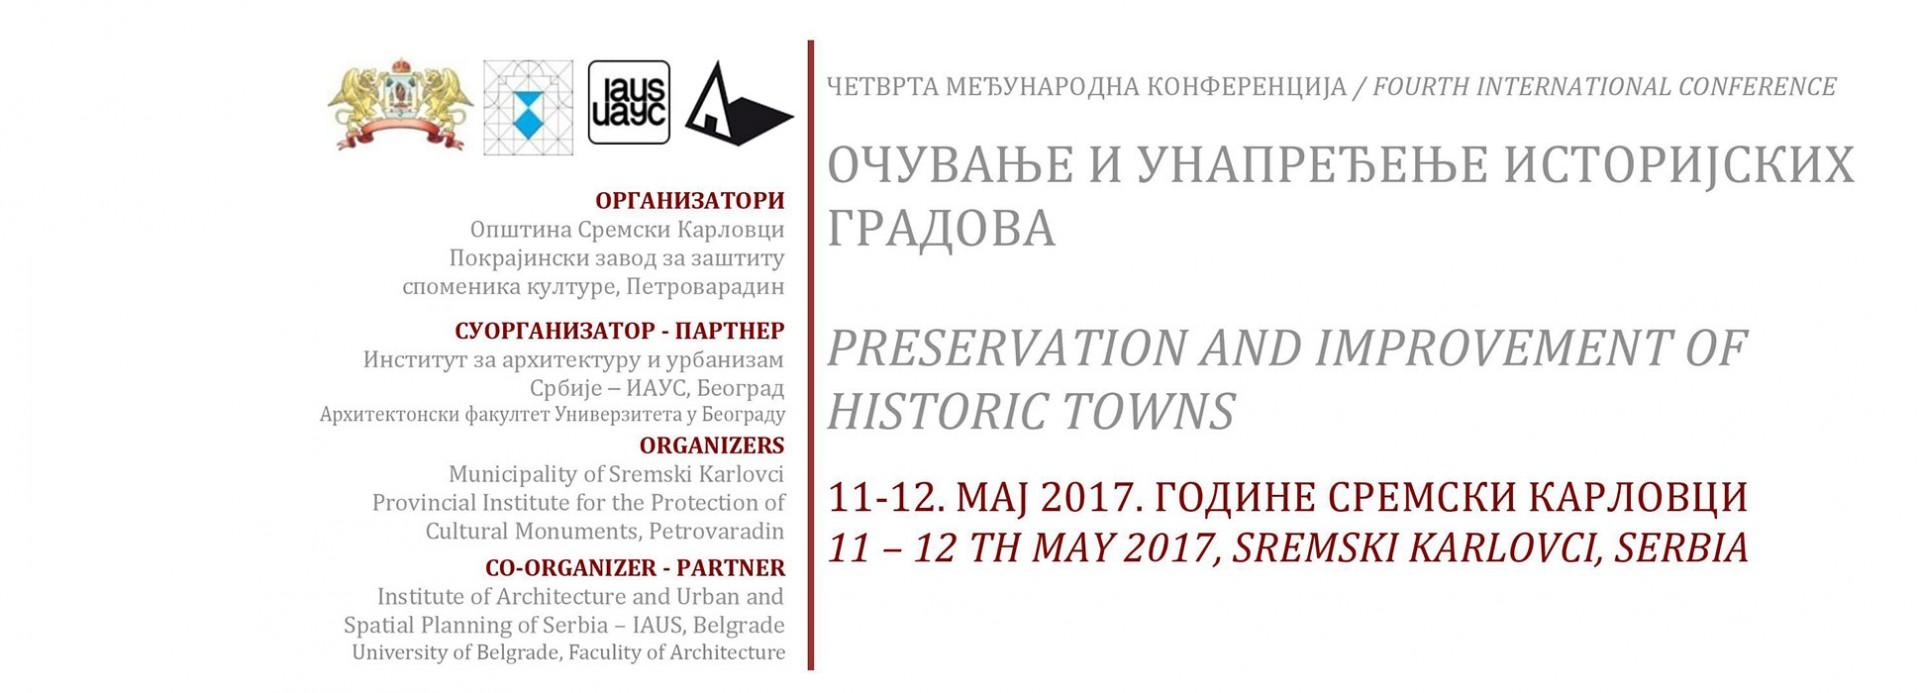 Међународна конференција: Очување и унапређење историјских градова 2017